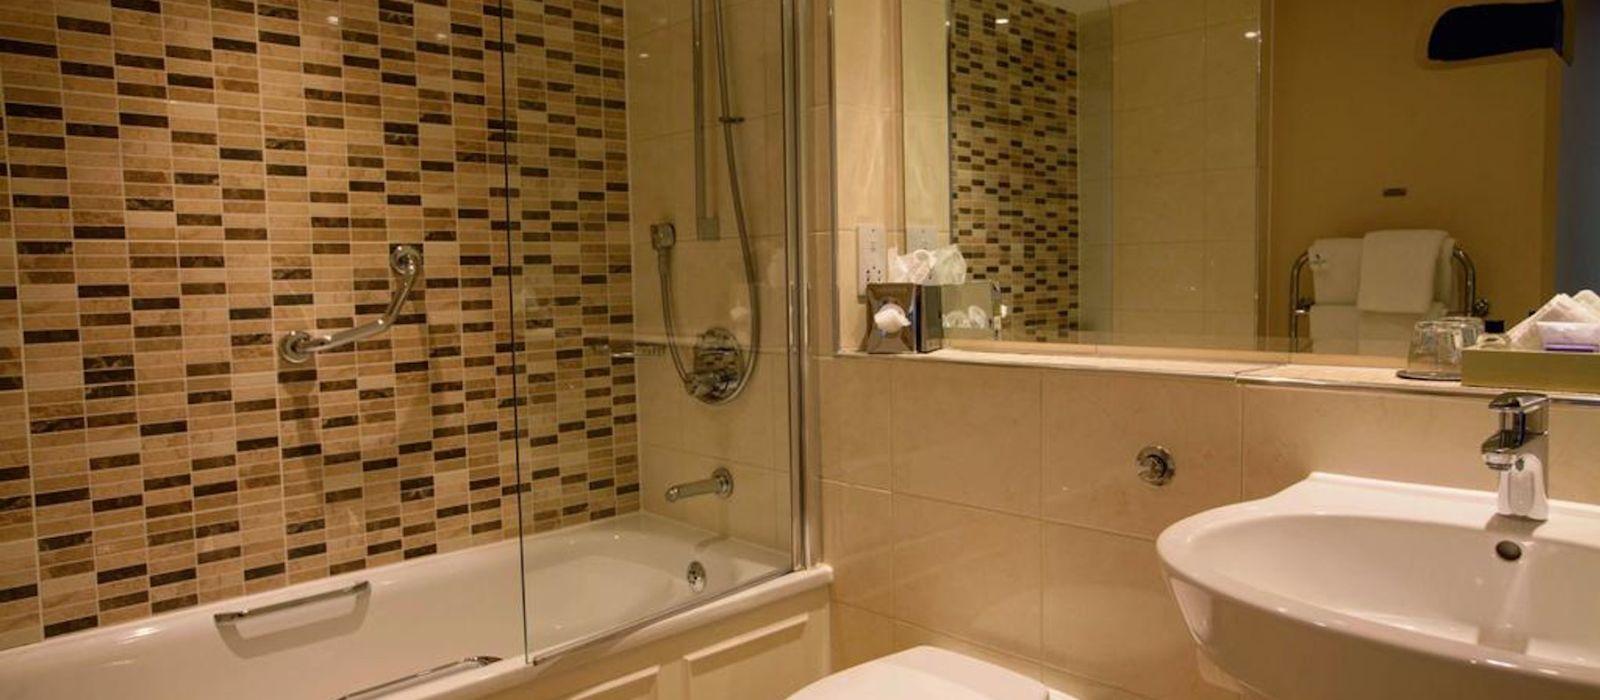 Hotel Macdonald Bear  UK & Ireland